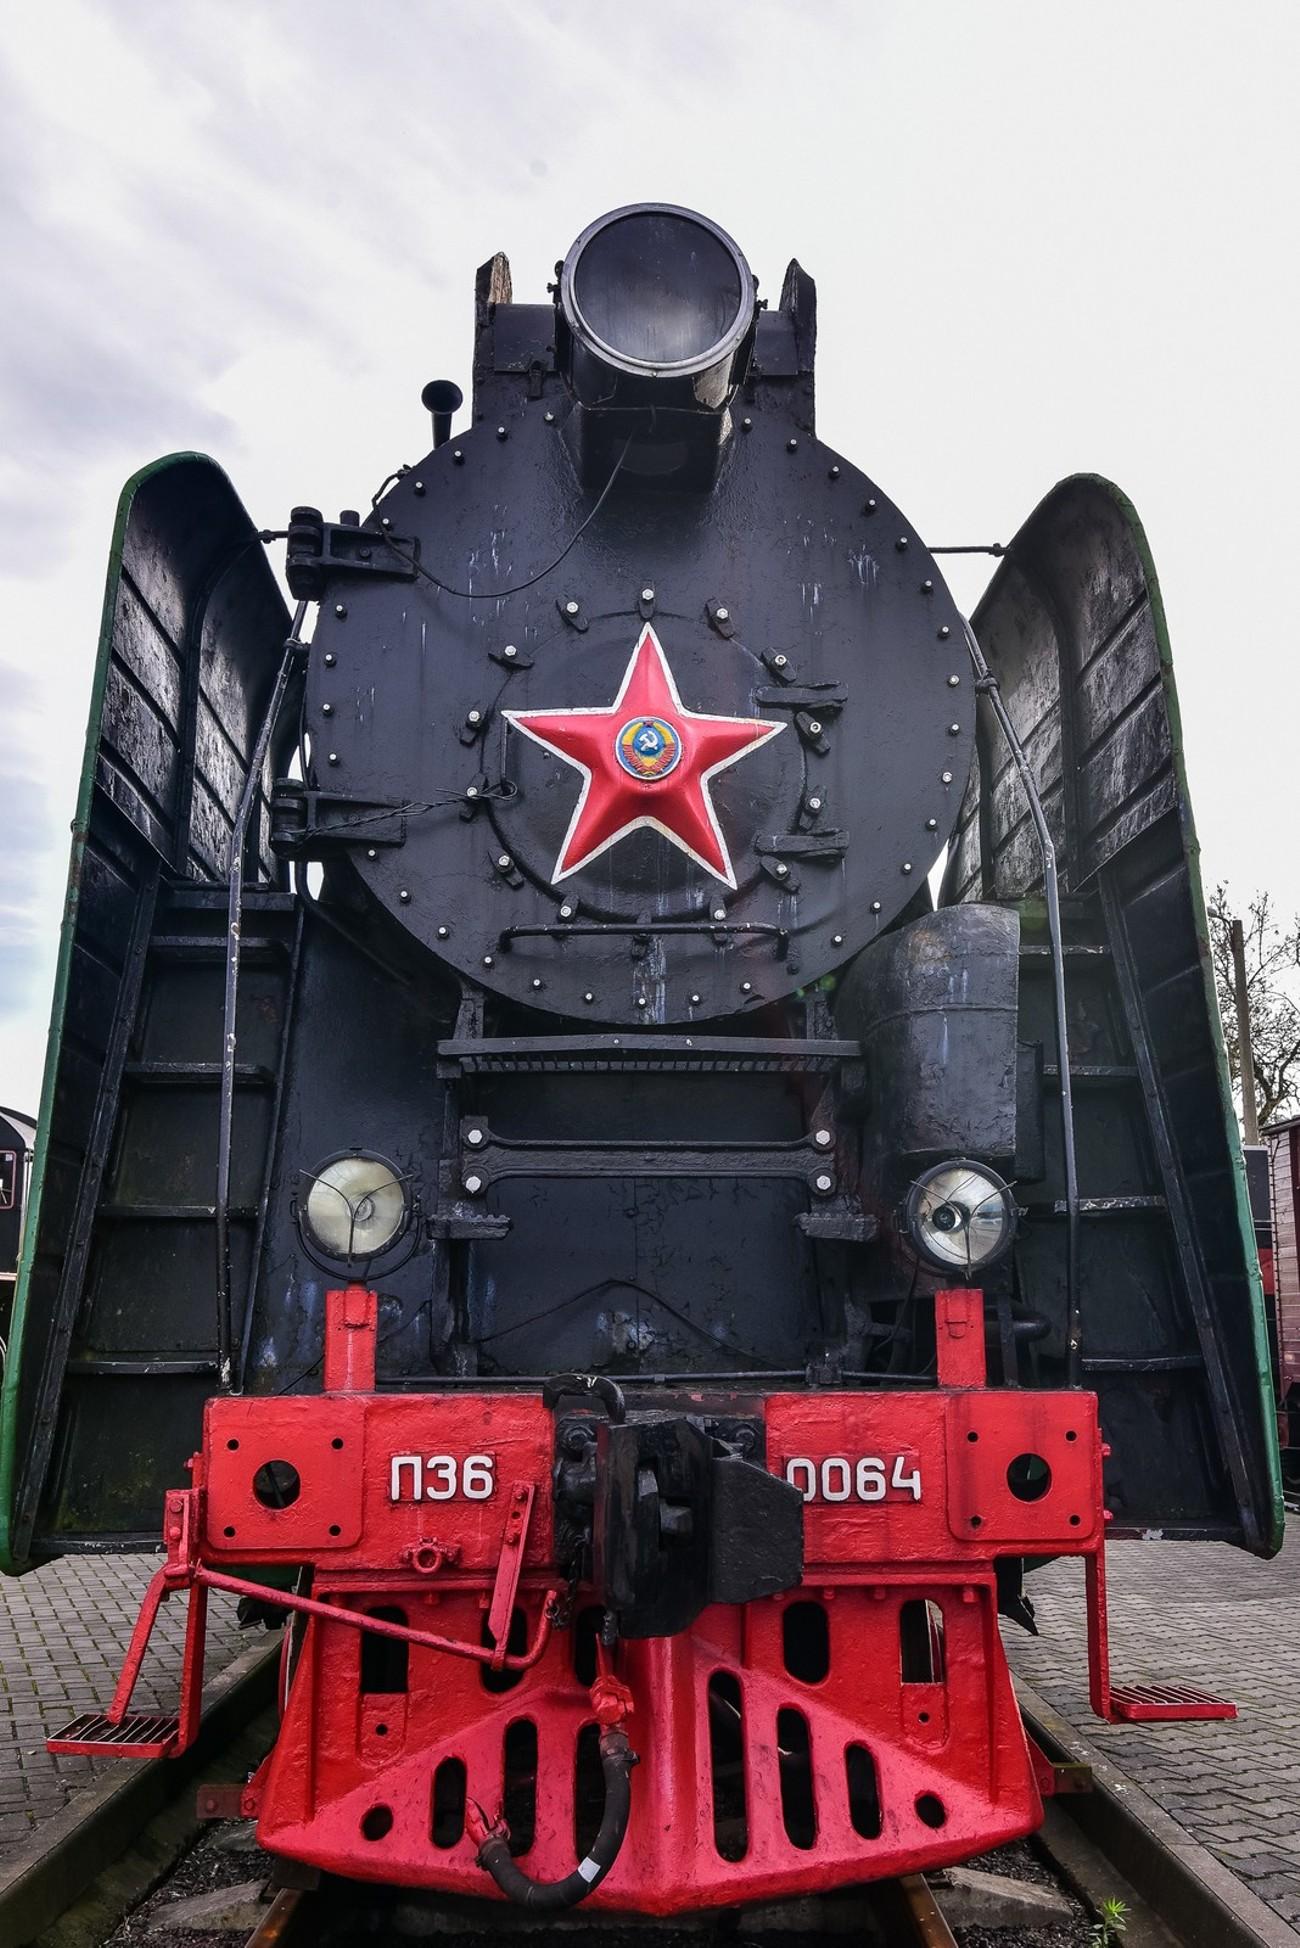 locomotive's museum in Brest, Belarus